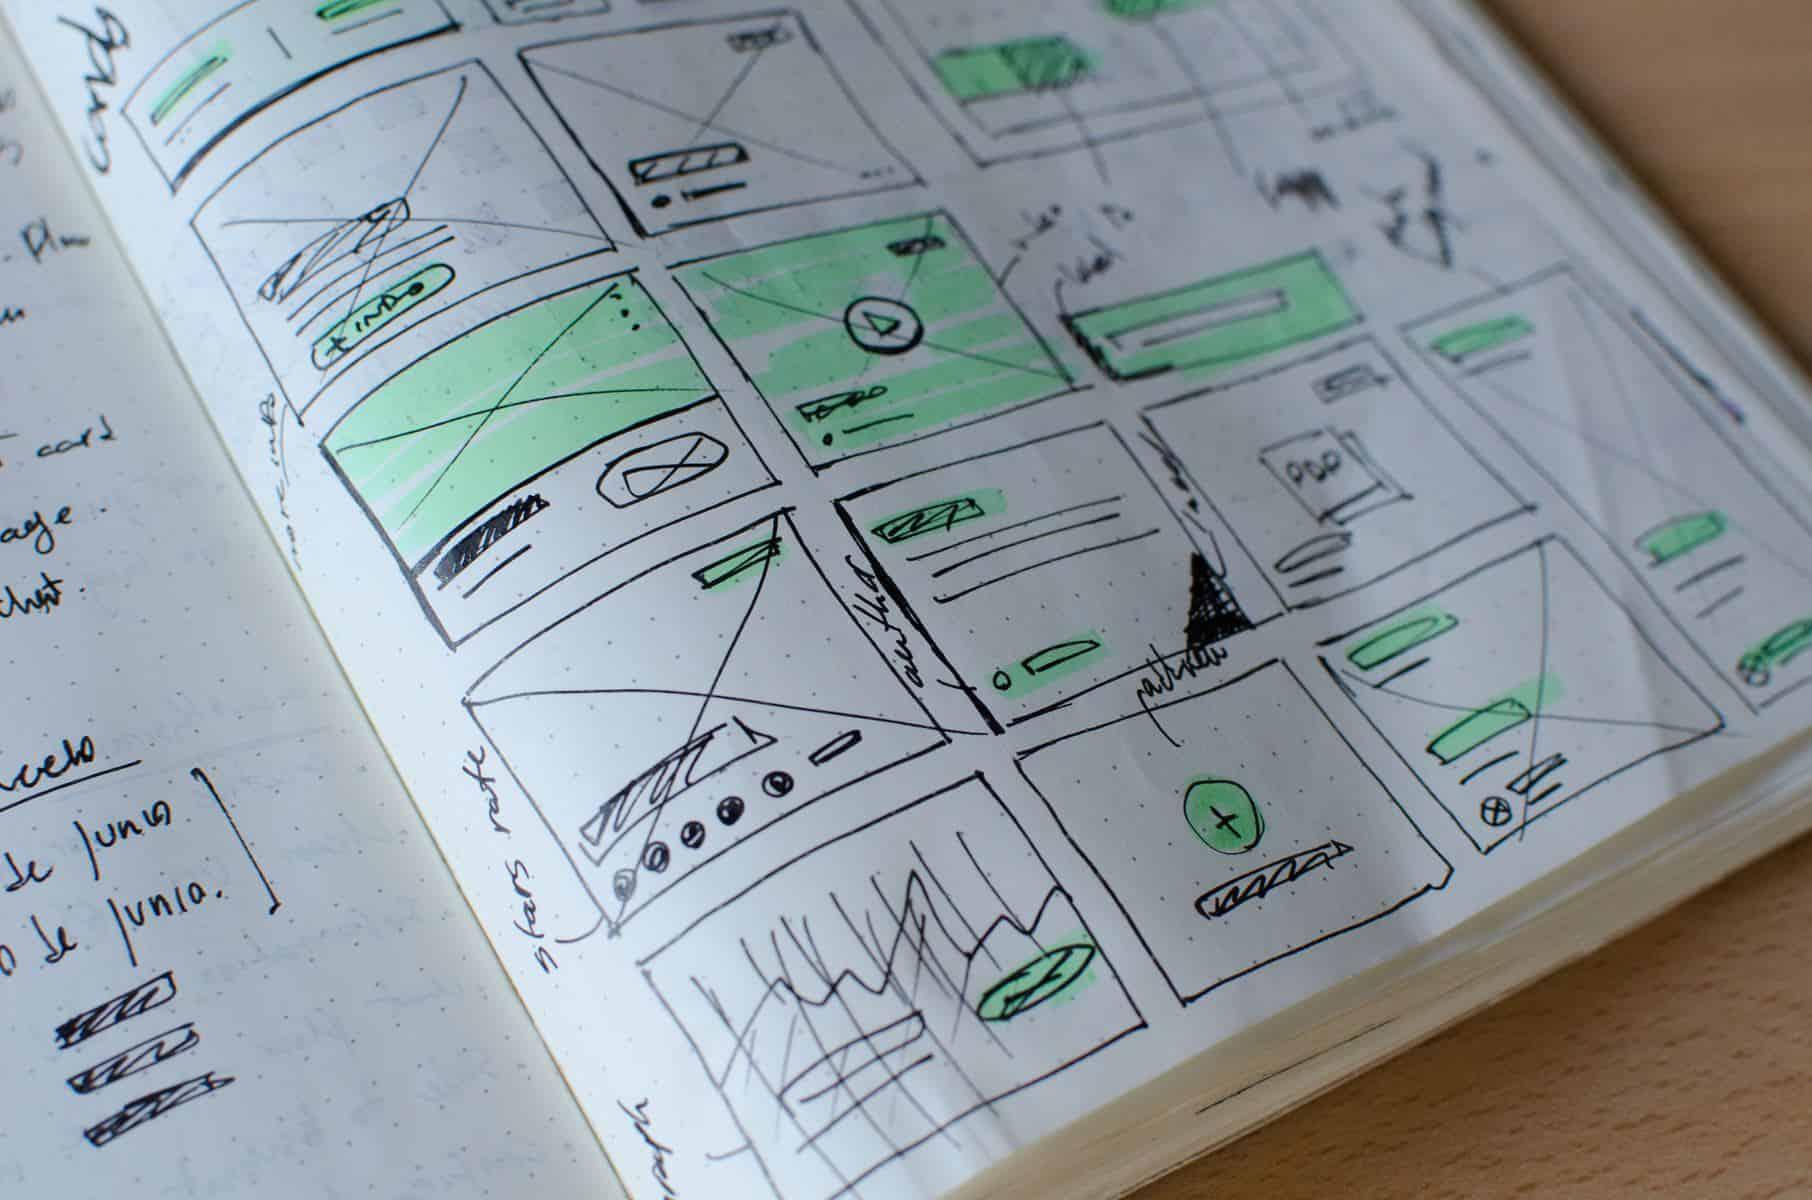 Design the App